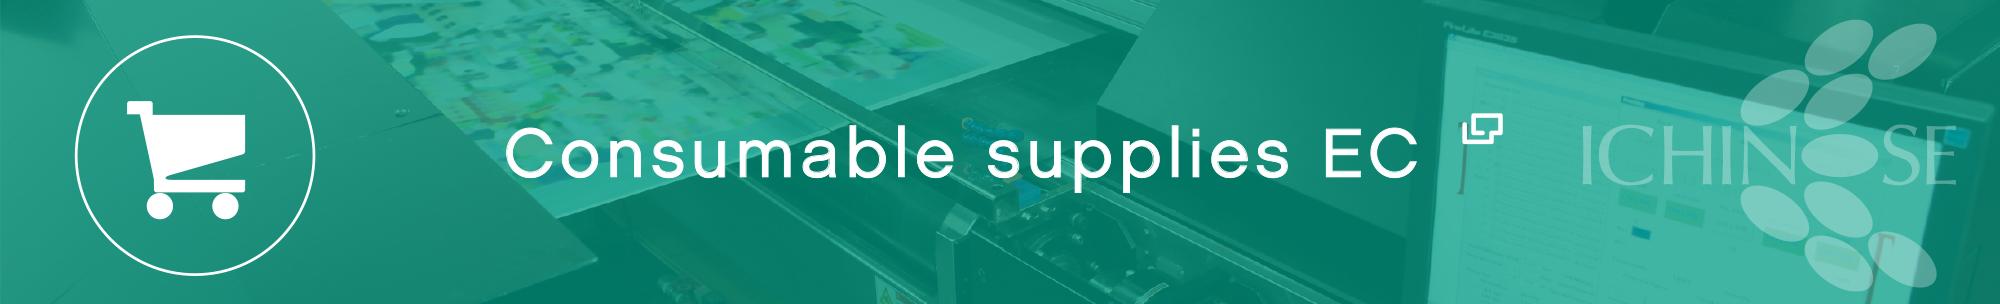 Consumable supplies EC